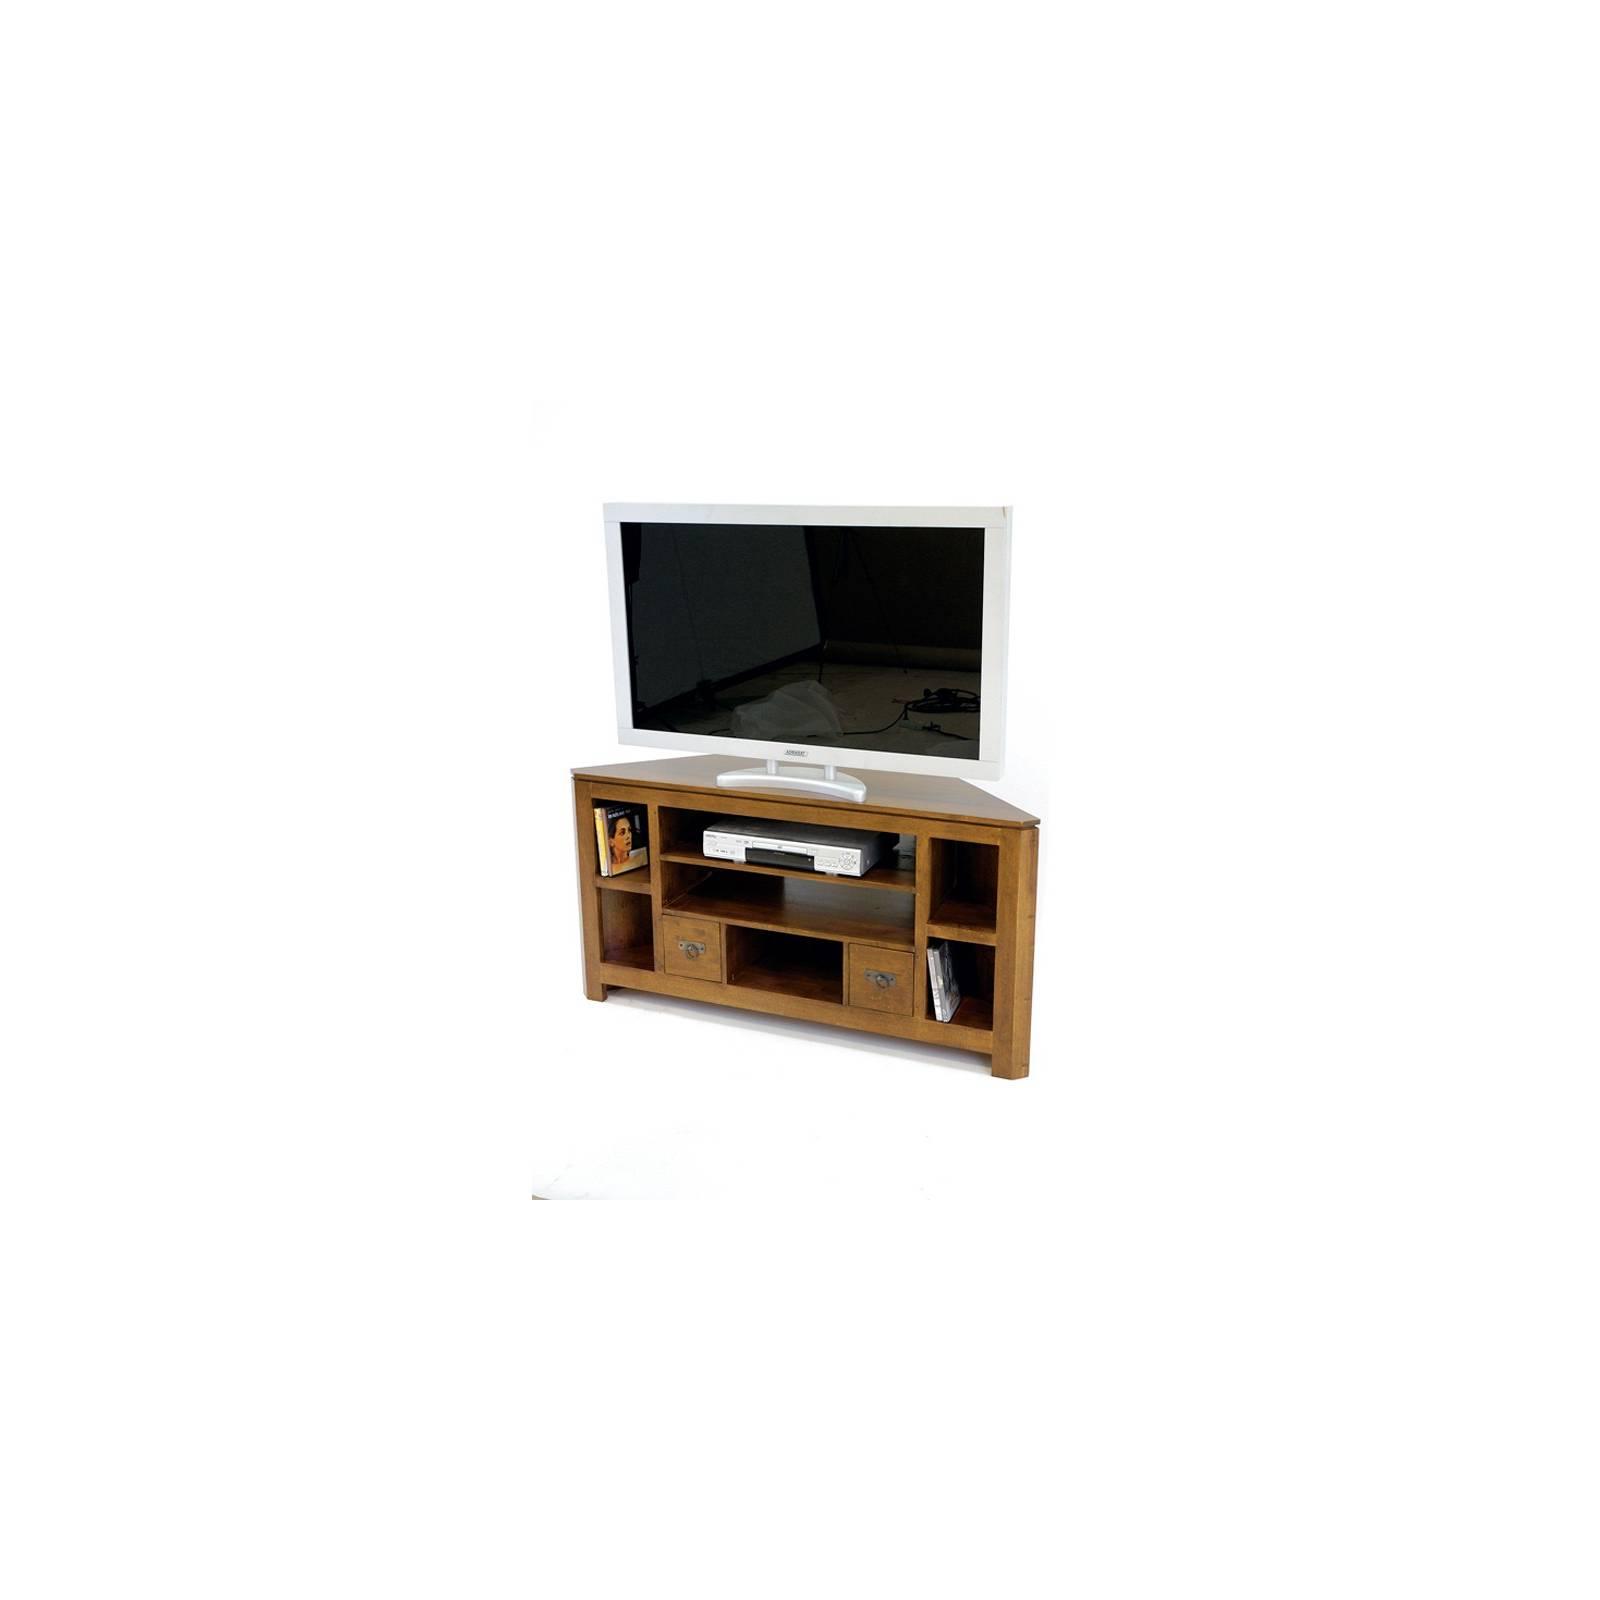 Meuble d'Angle Omega Hévéa - meuble style design